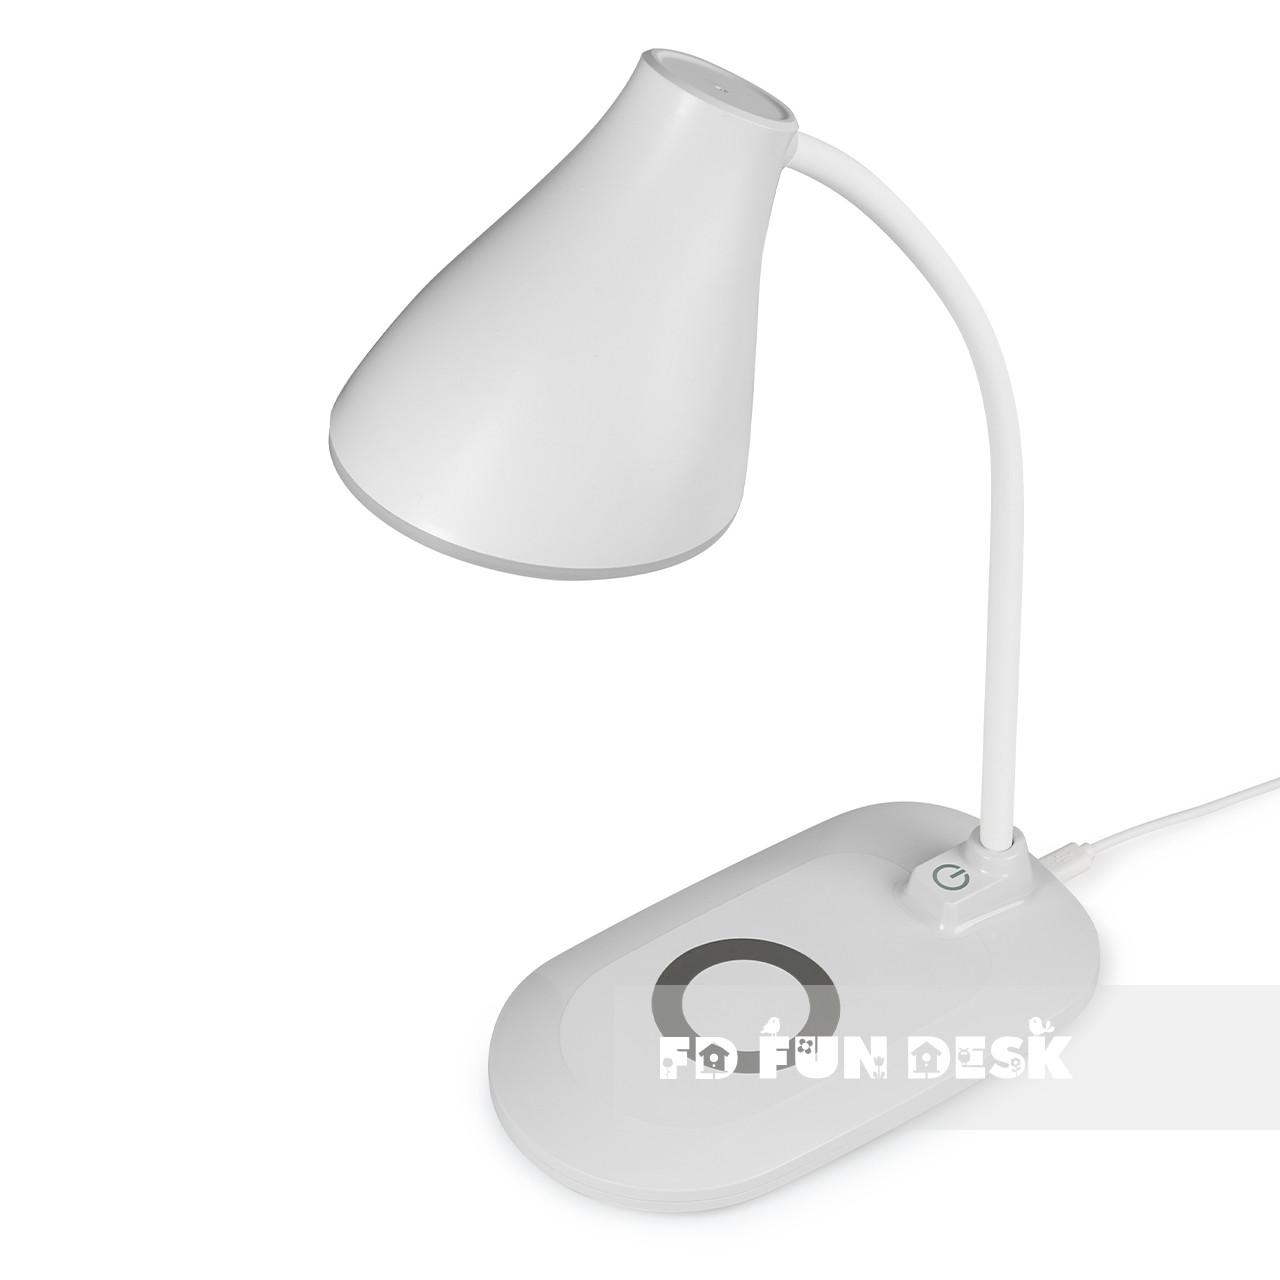 Лампа настільна світлодіодна з функцією бездротової зарядки Fundesk LC6 White